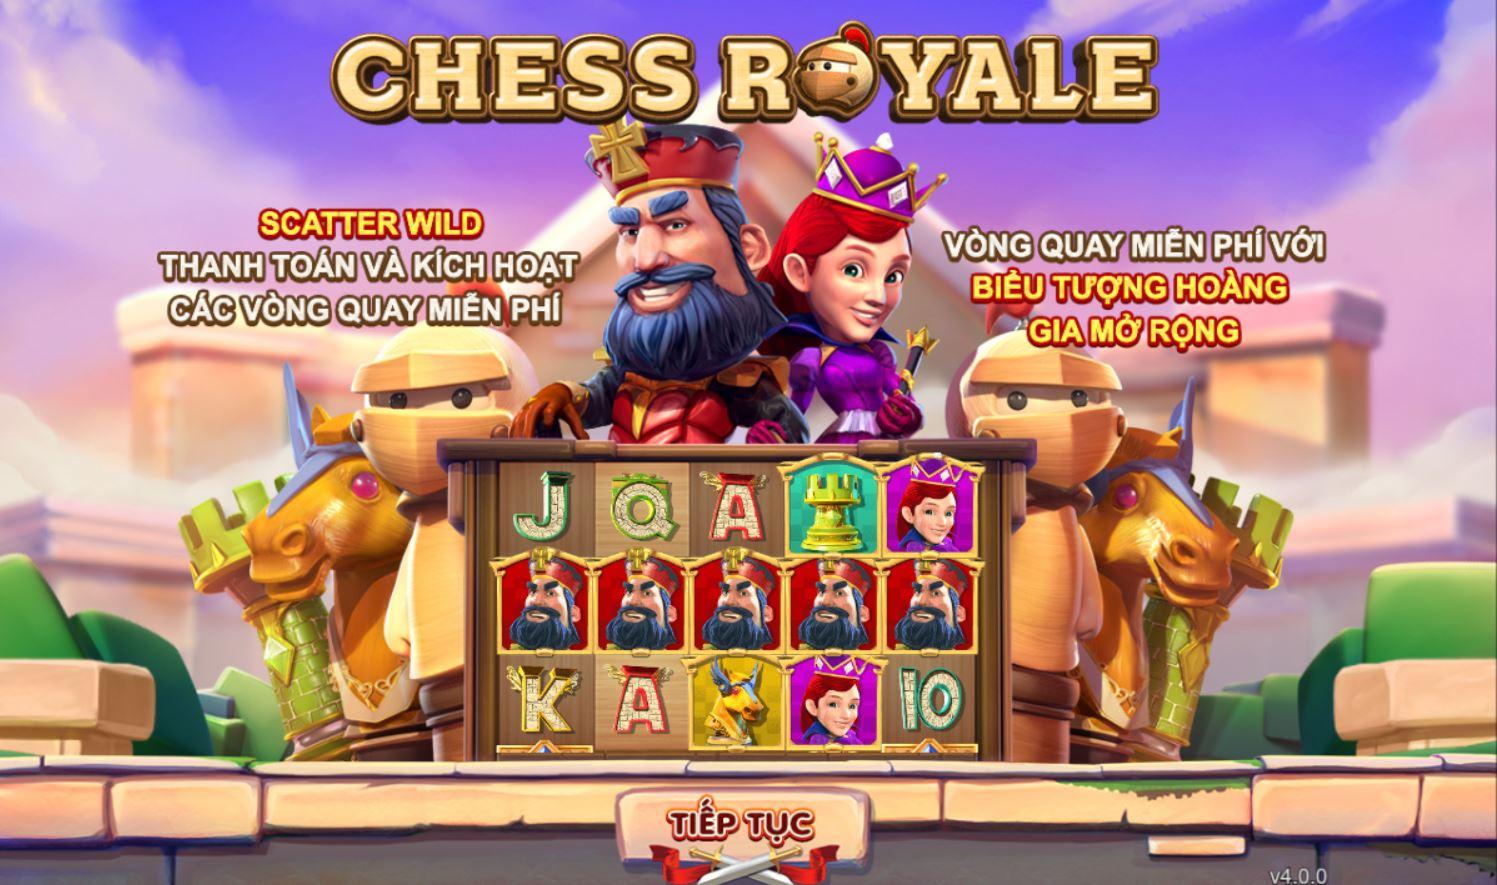 Game slot Chess Royale - vận may đến từ những quân cờ vua và tận hưởng niềm vui chiến thắng trên mỗi vòng quay